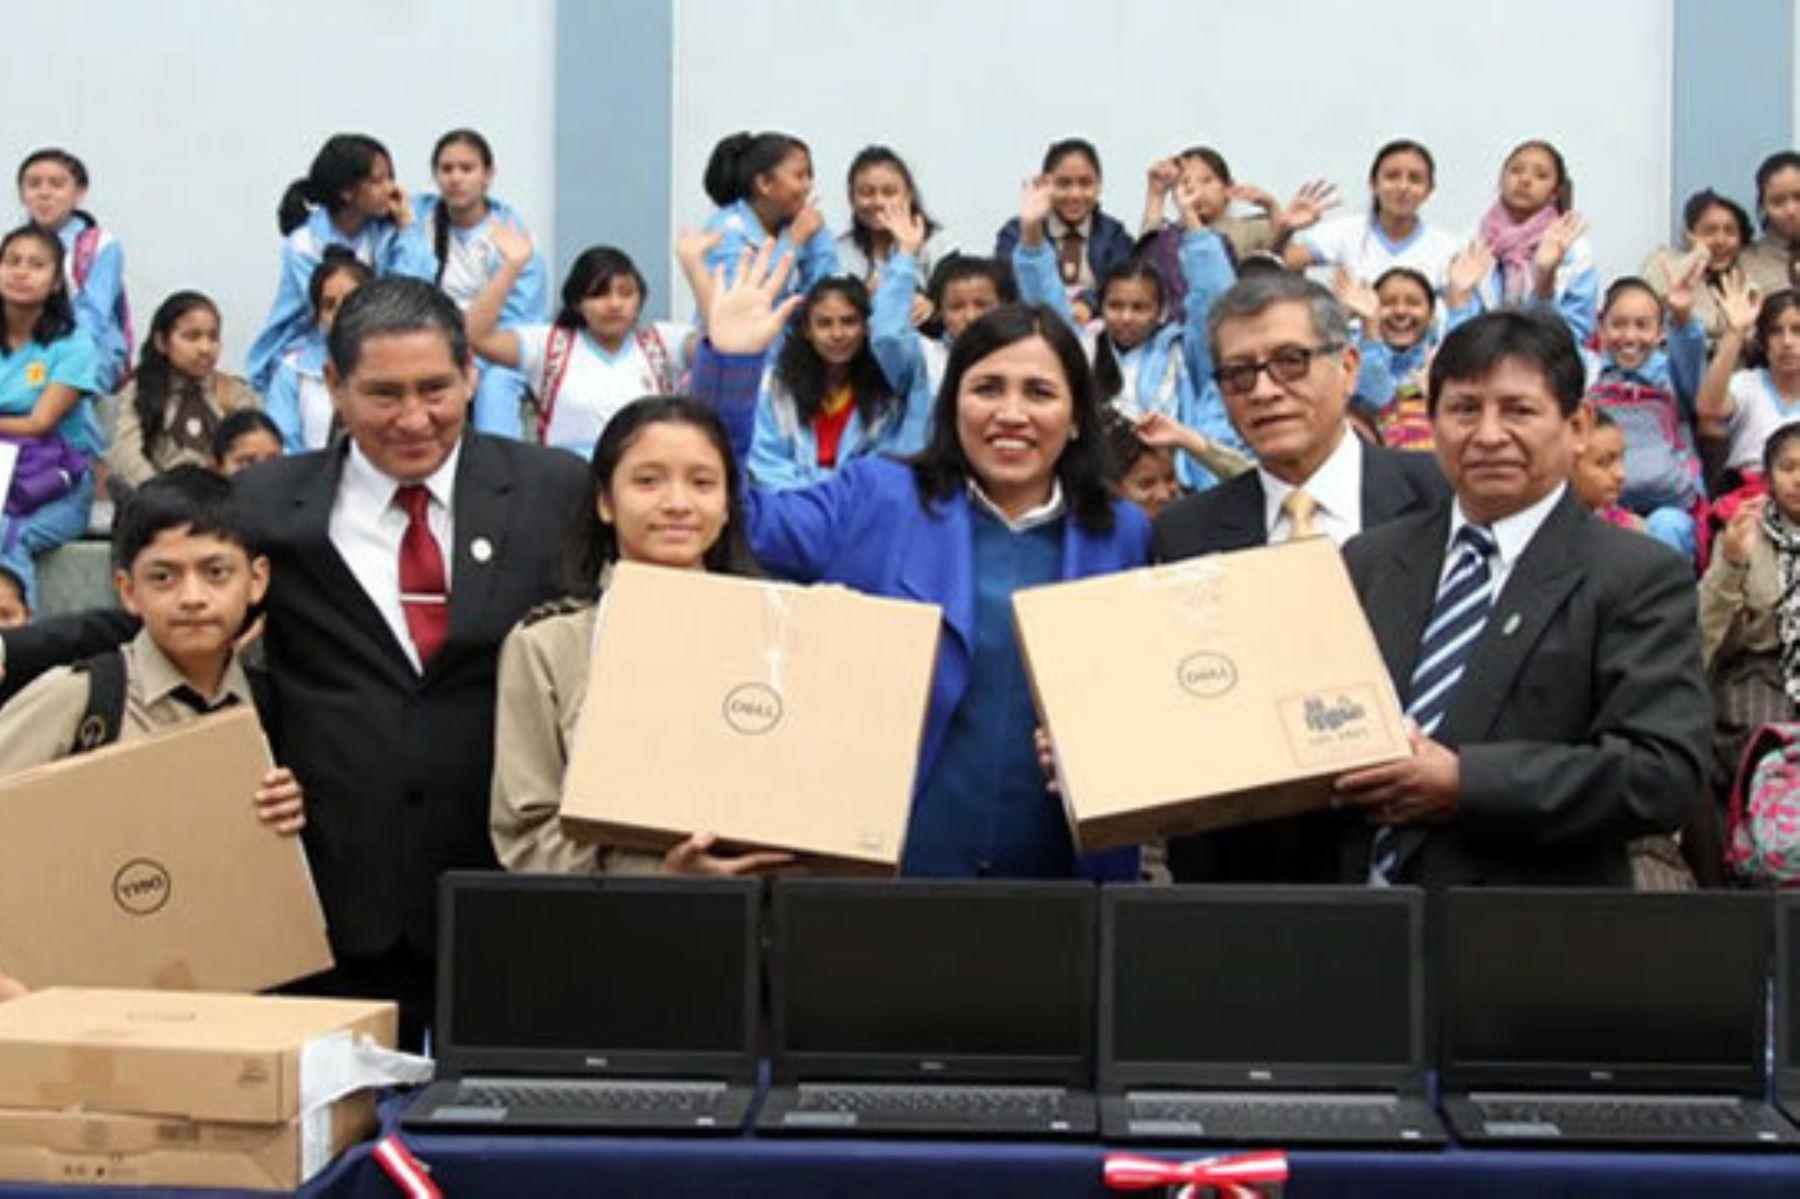 La ministra de Educación, Flor Pablo, entregó 36 laptops al colegio emblemático Leoncio Prado, ubicado en la región Huánuco.